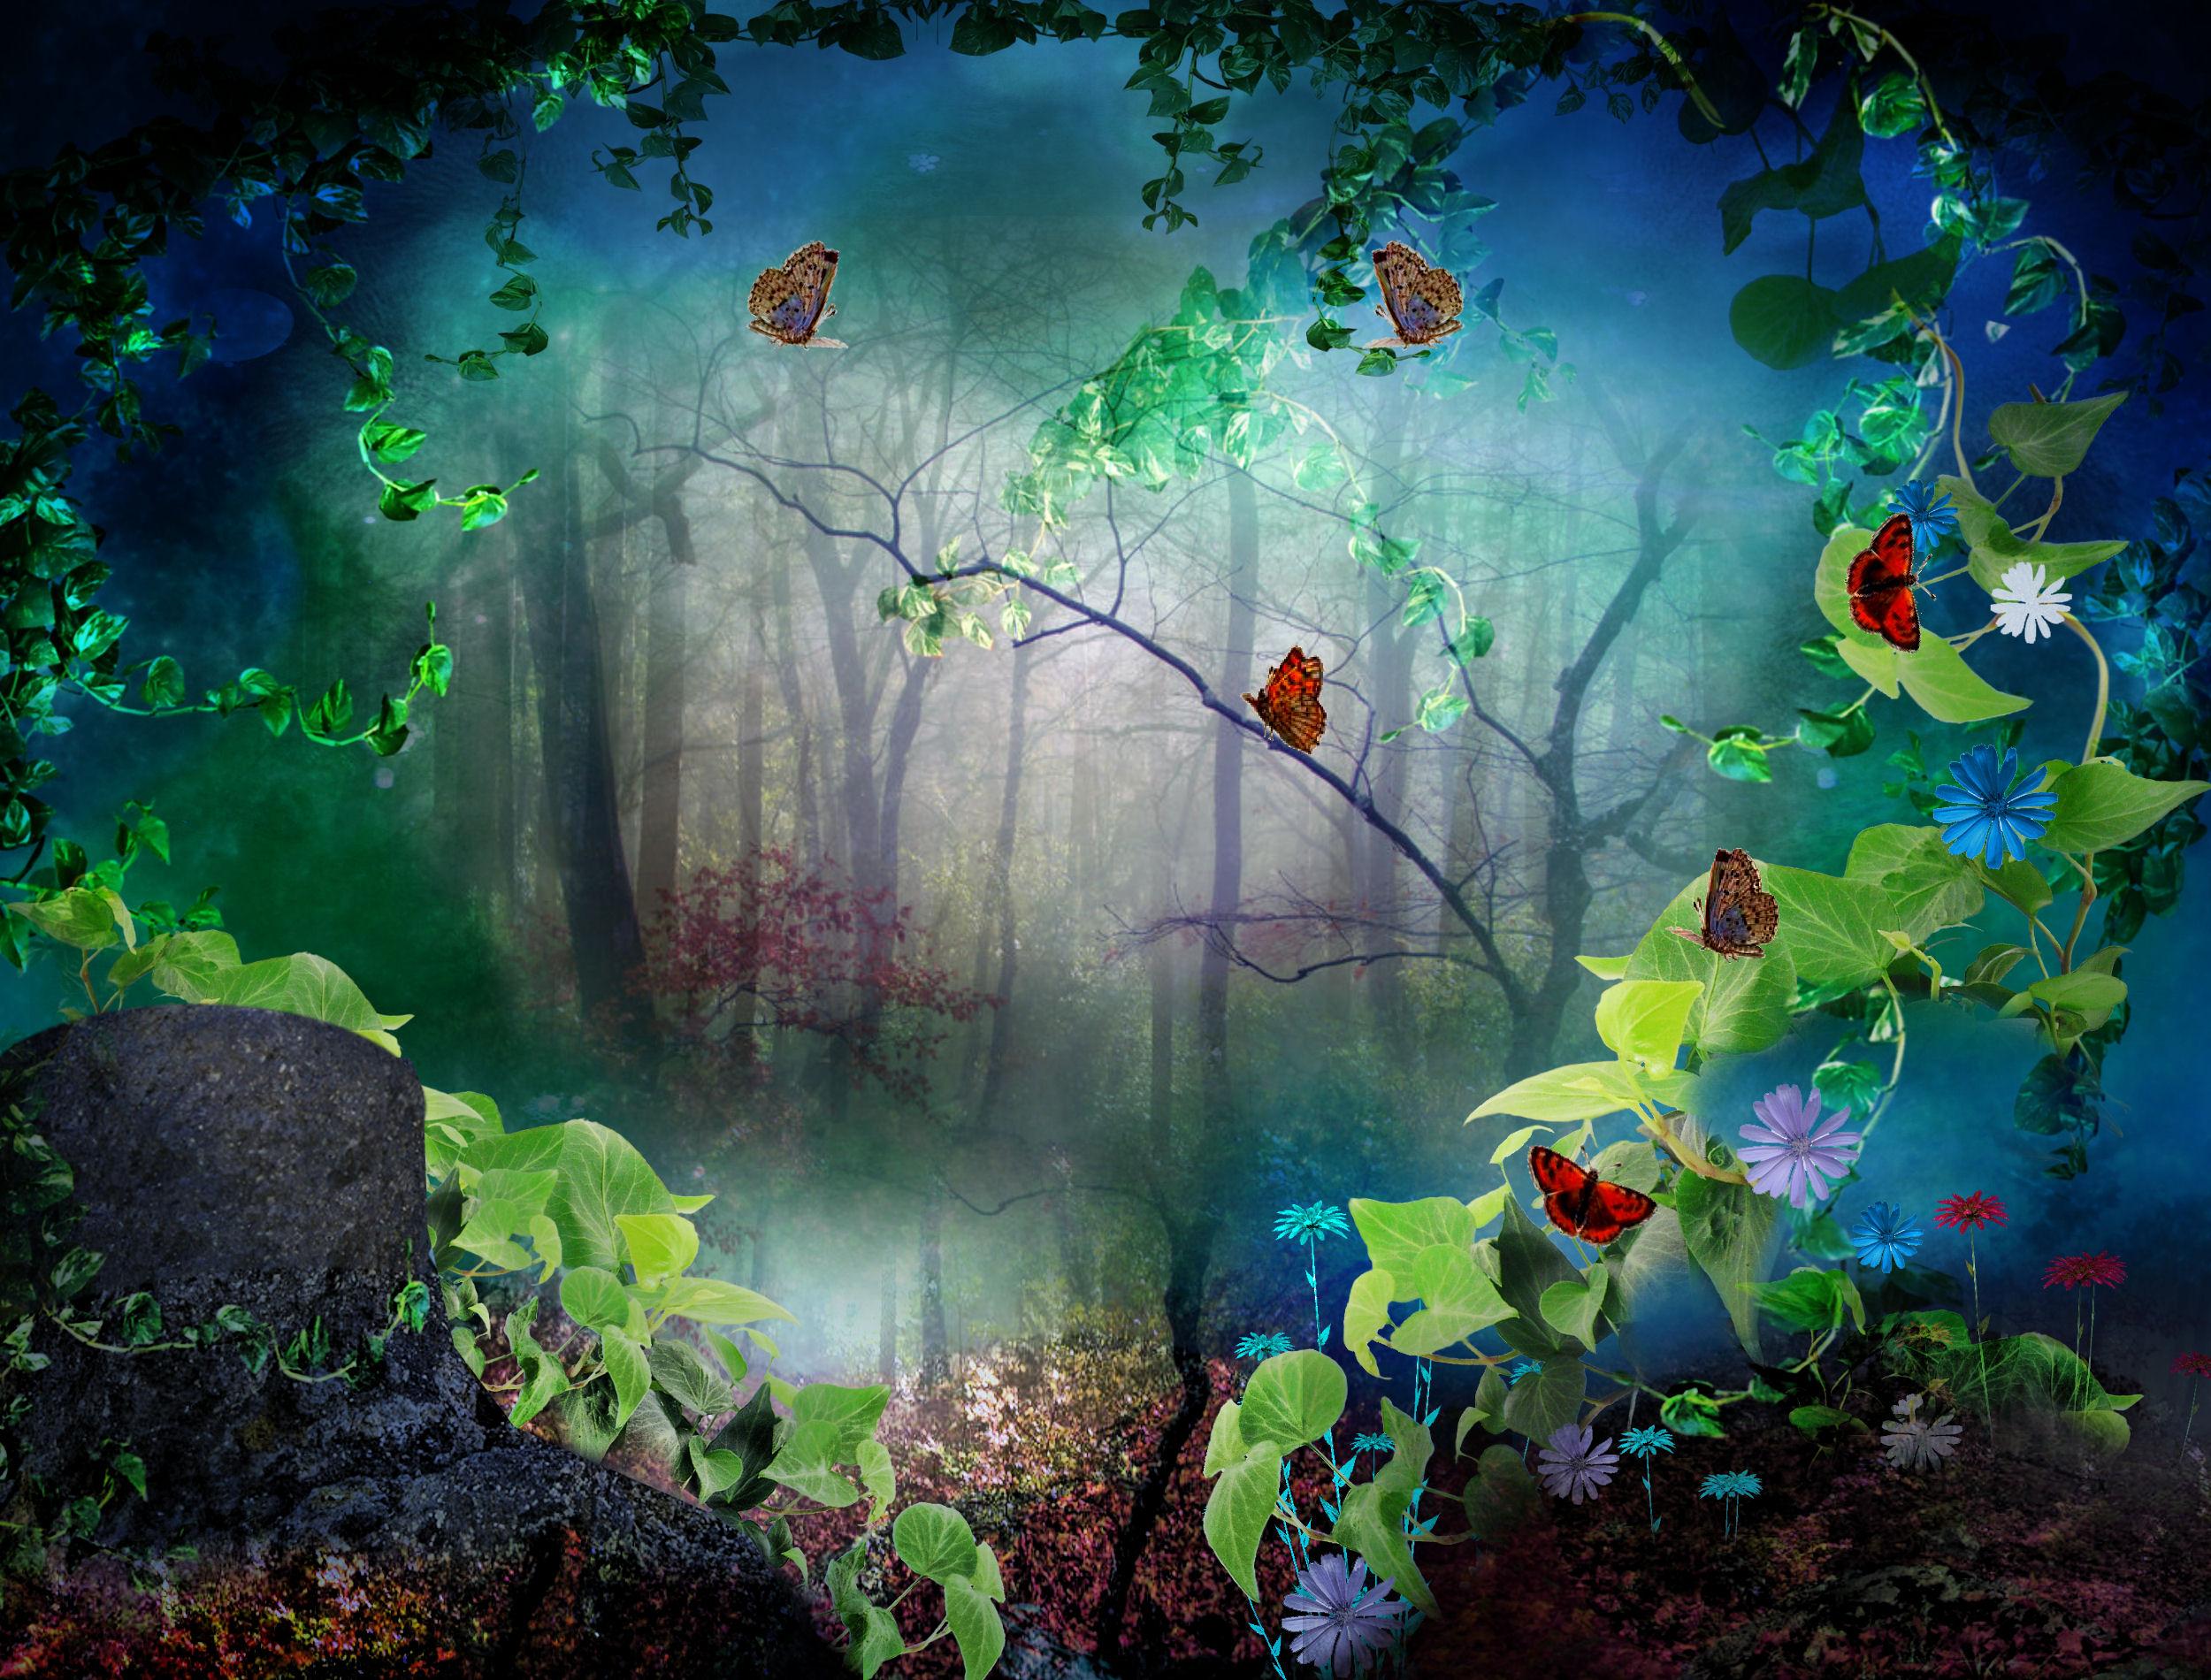 rainforest butterfly wallpaper - photo #9